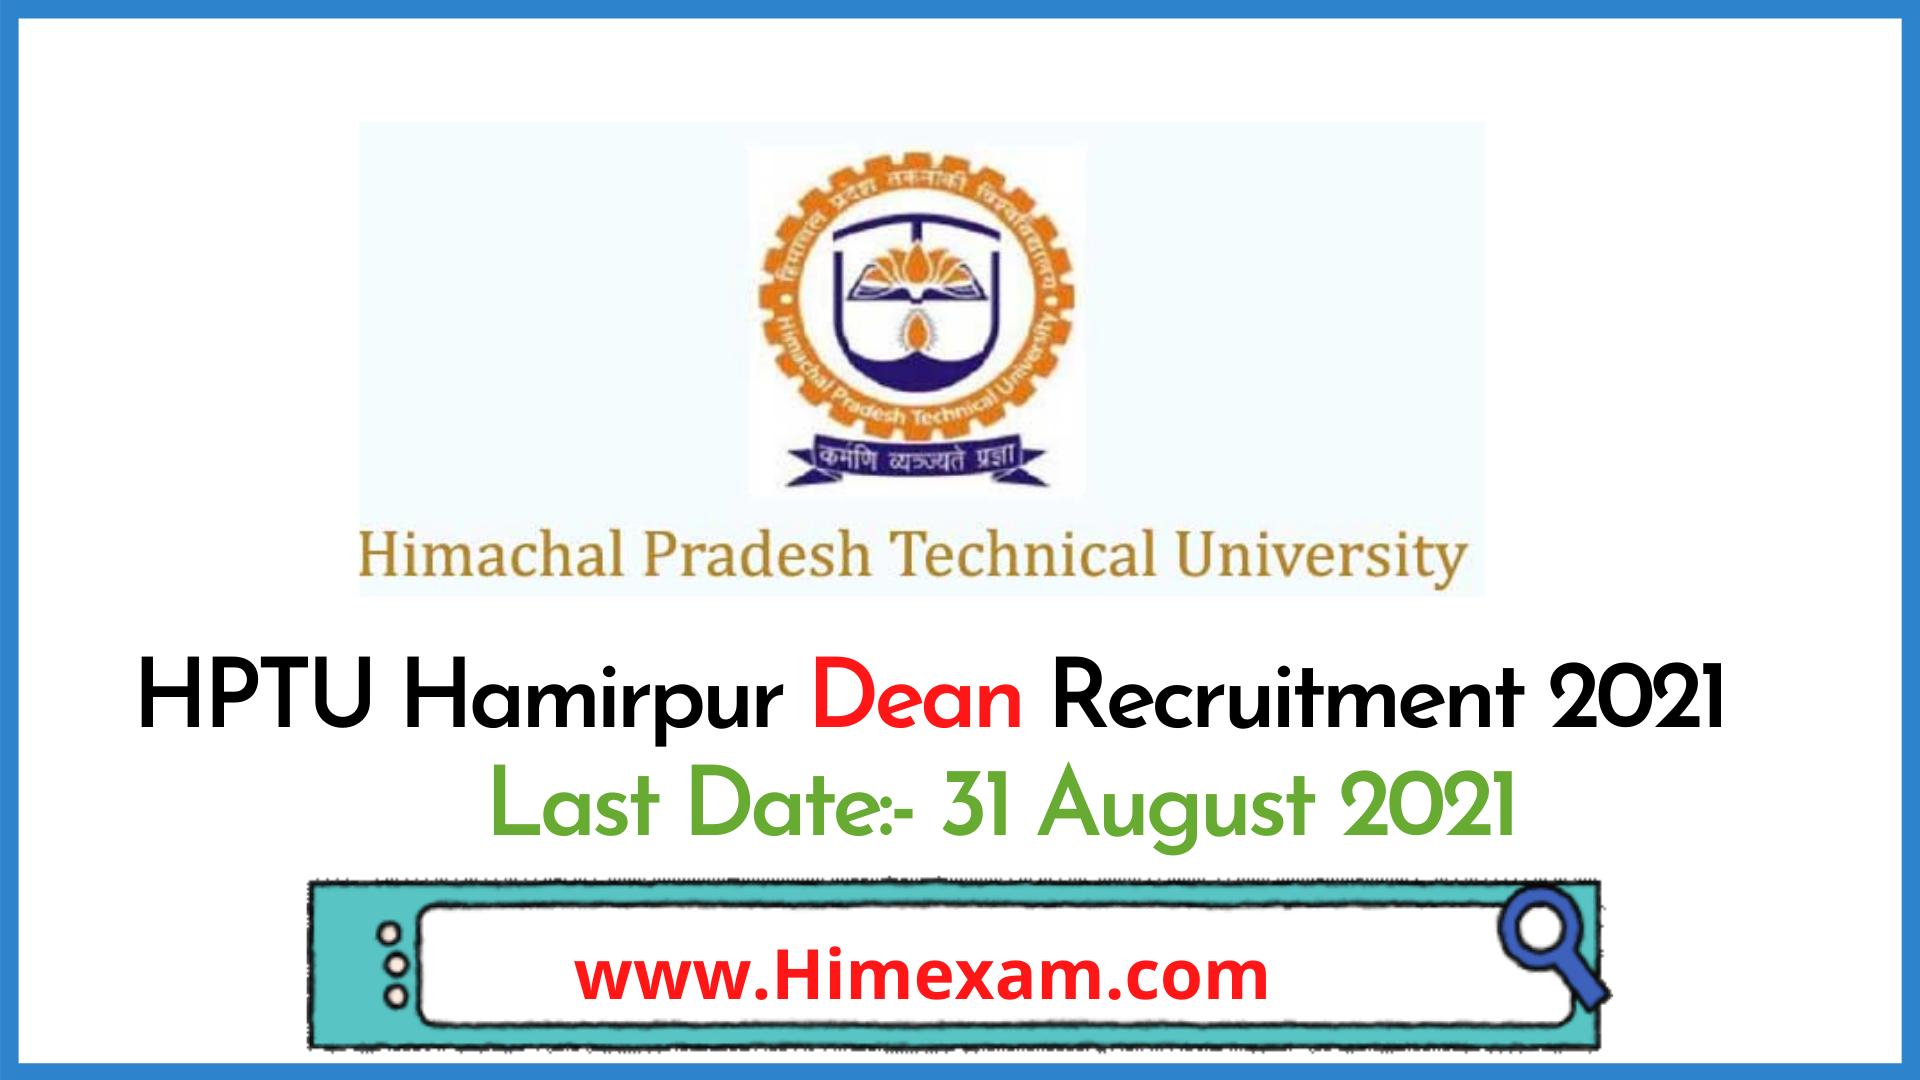 HPTU Hamirpur Dean Recruitment 2021